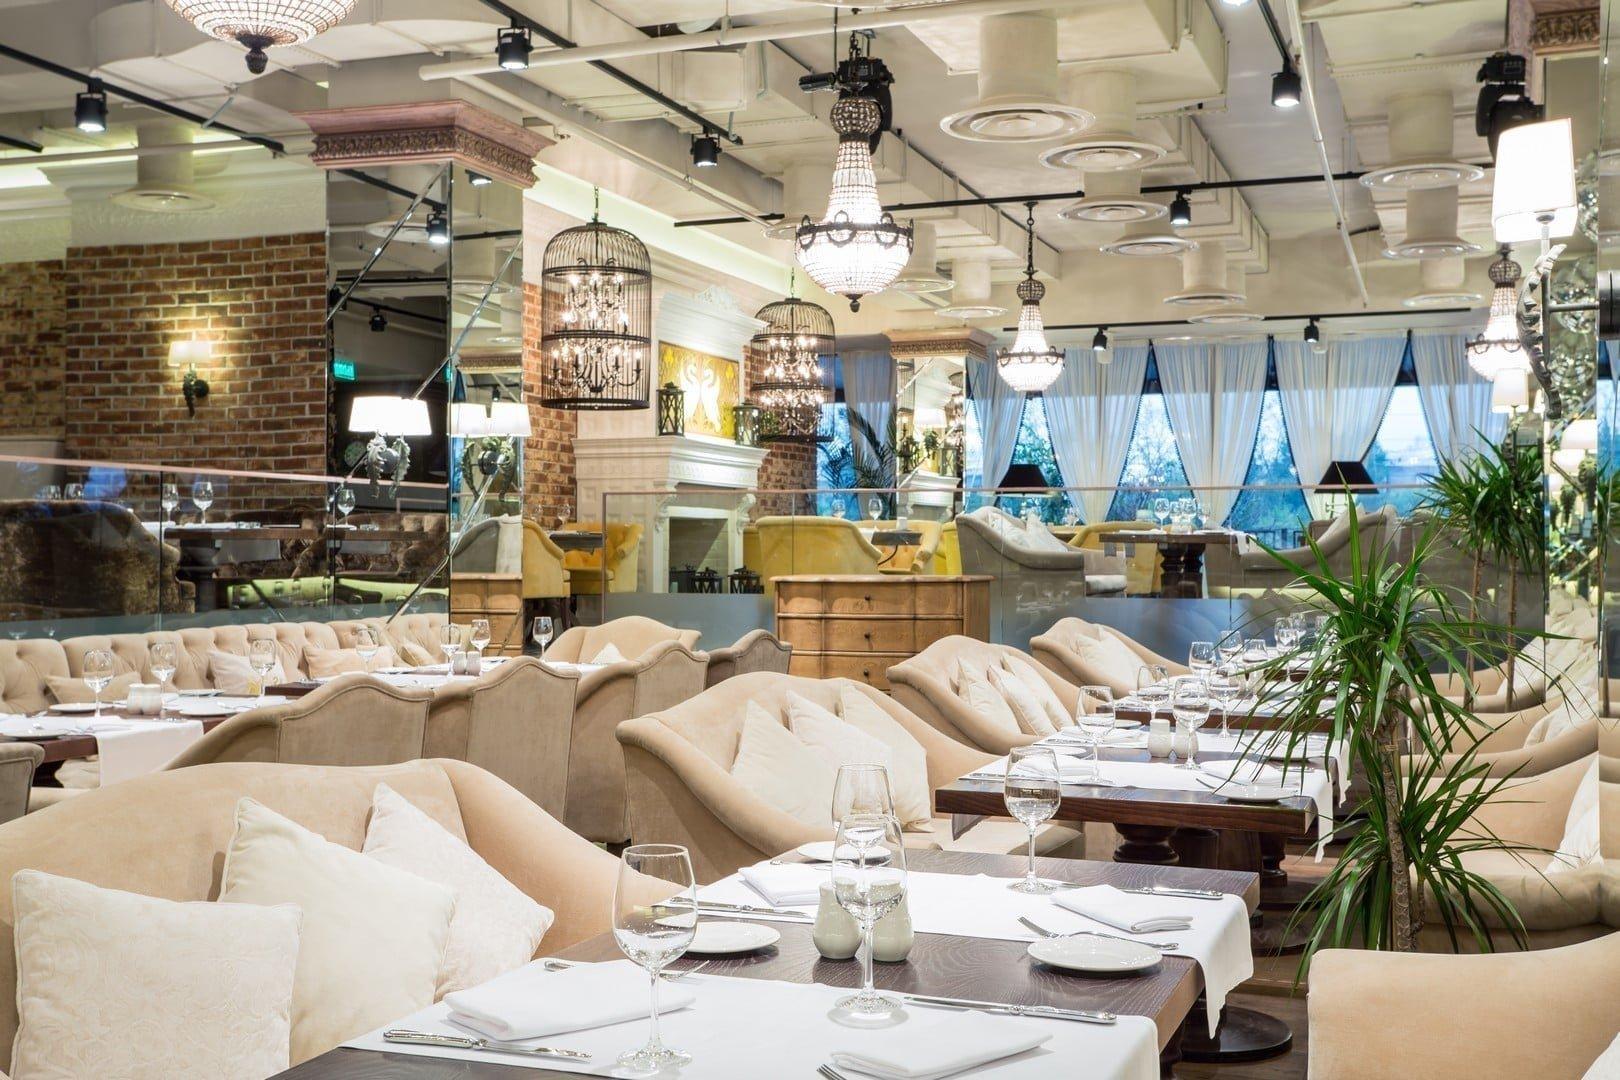 фотография Ресторана Гуси Лебеди в Измайлово